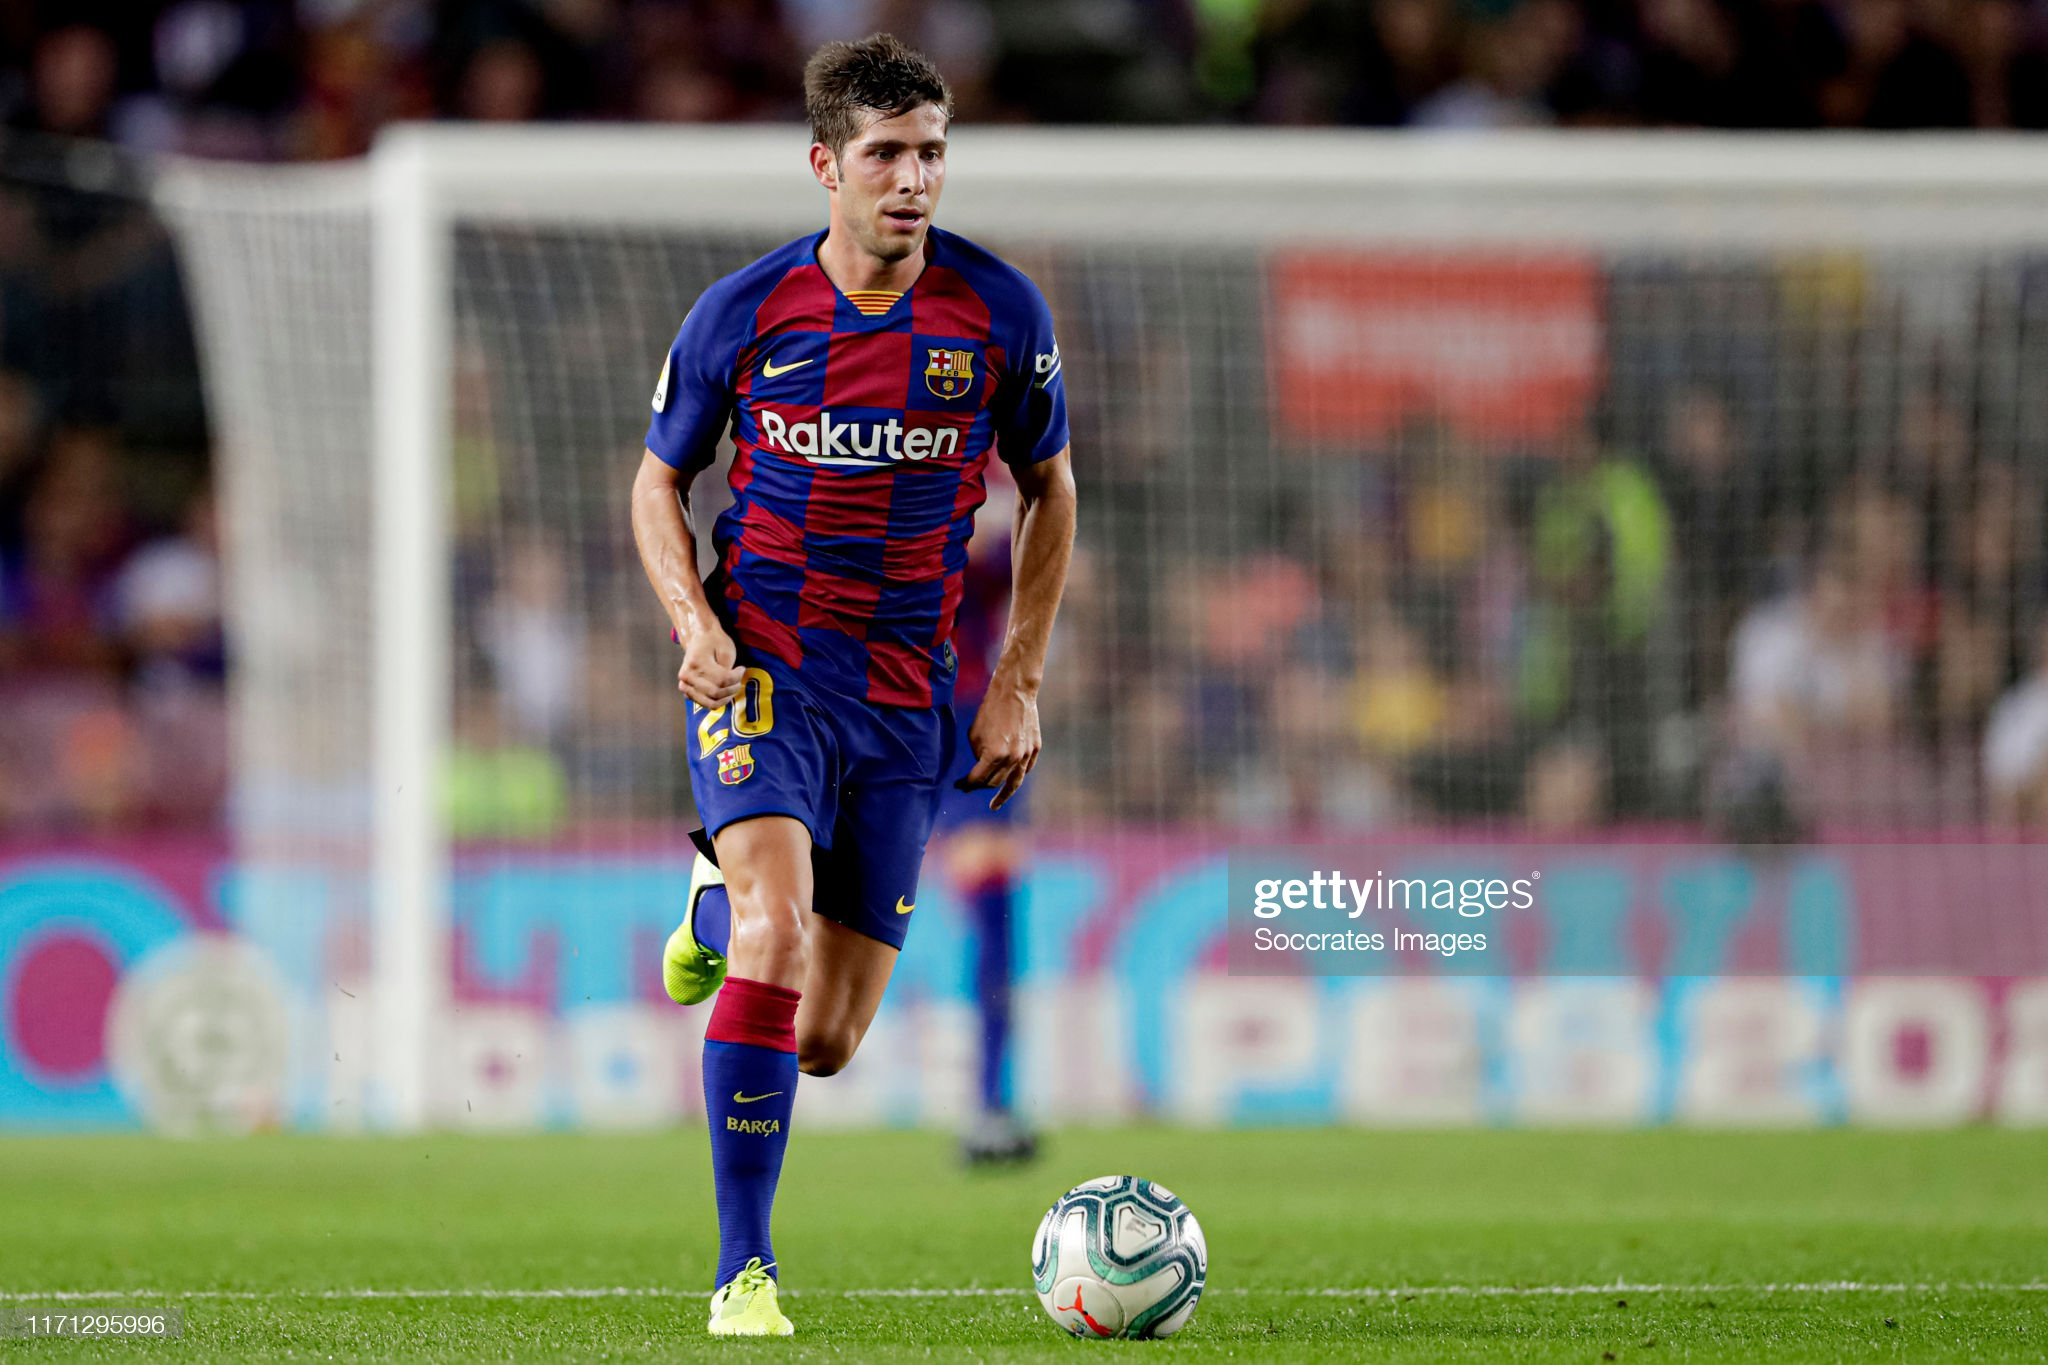 صور مباراة : برشلونة - فياريال 2-1 ( 24-09-2019 )  Sergi-roberto-of-fc-barcelona-during-the-la-liga-santander-match-fc-picture-id1171295996?s=2048x2048